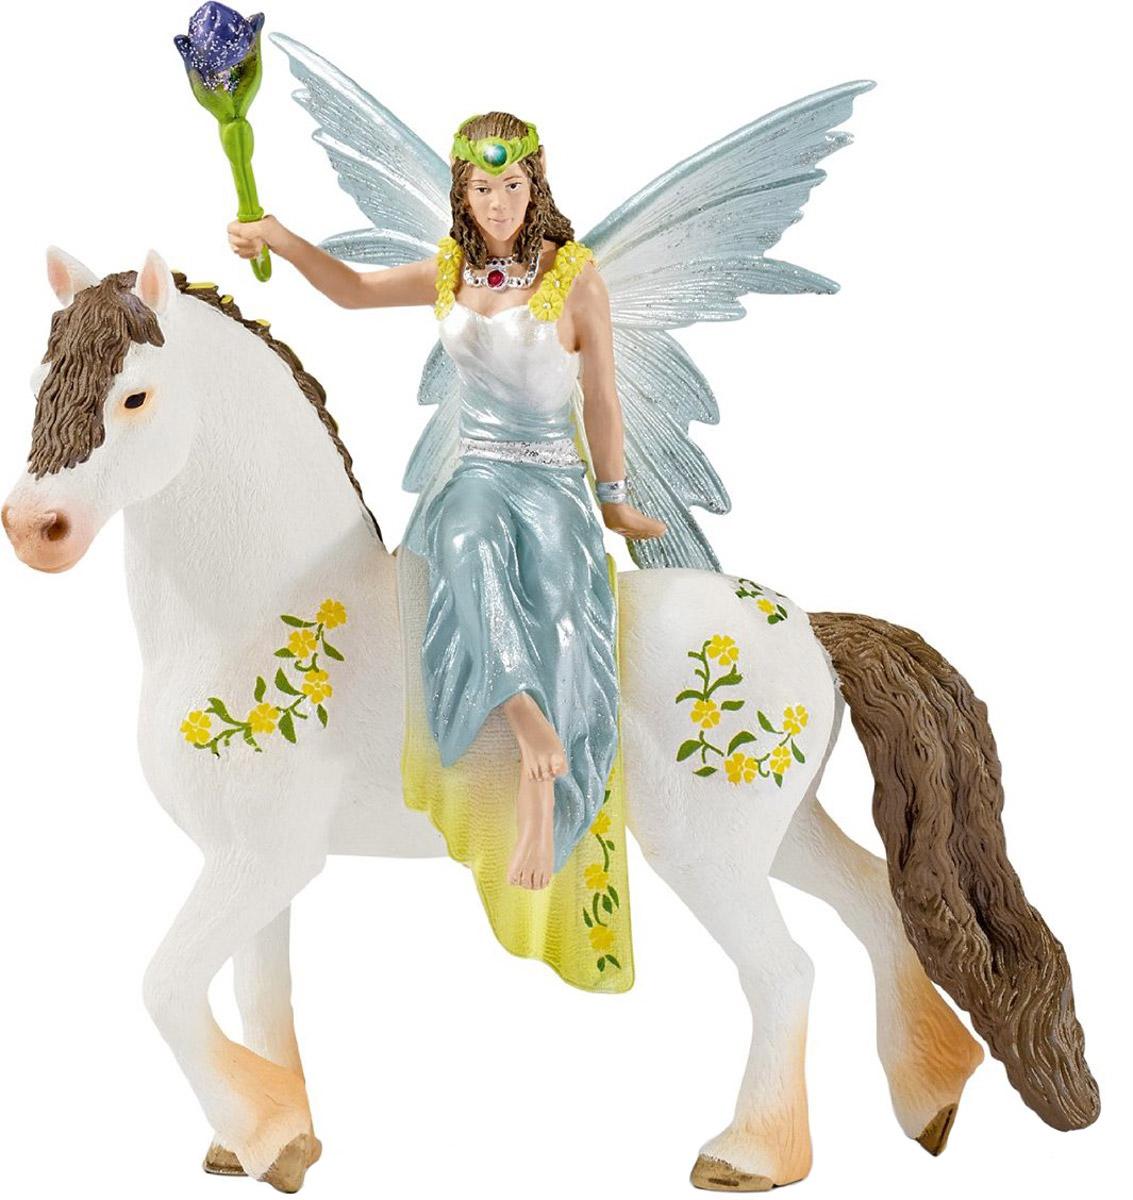 Фото - Schleich Фигурка Эльфийка Эяла на лошади фигурка эльф санжела на лошади